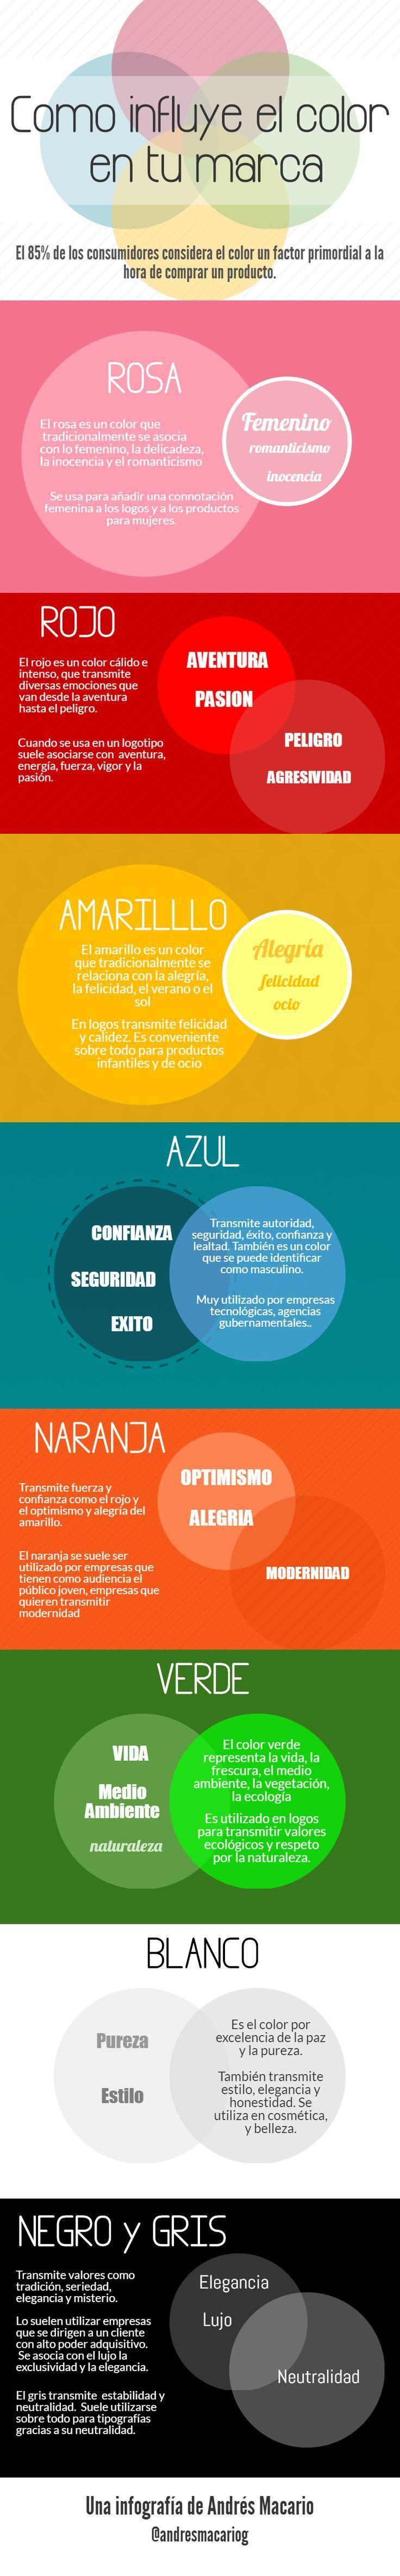 Cómo influye el color en tu marca #infografia